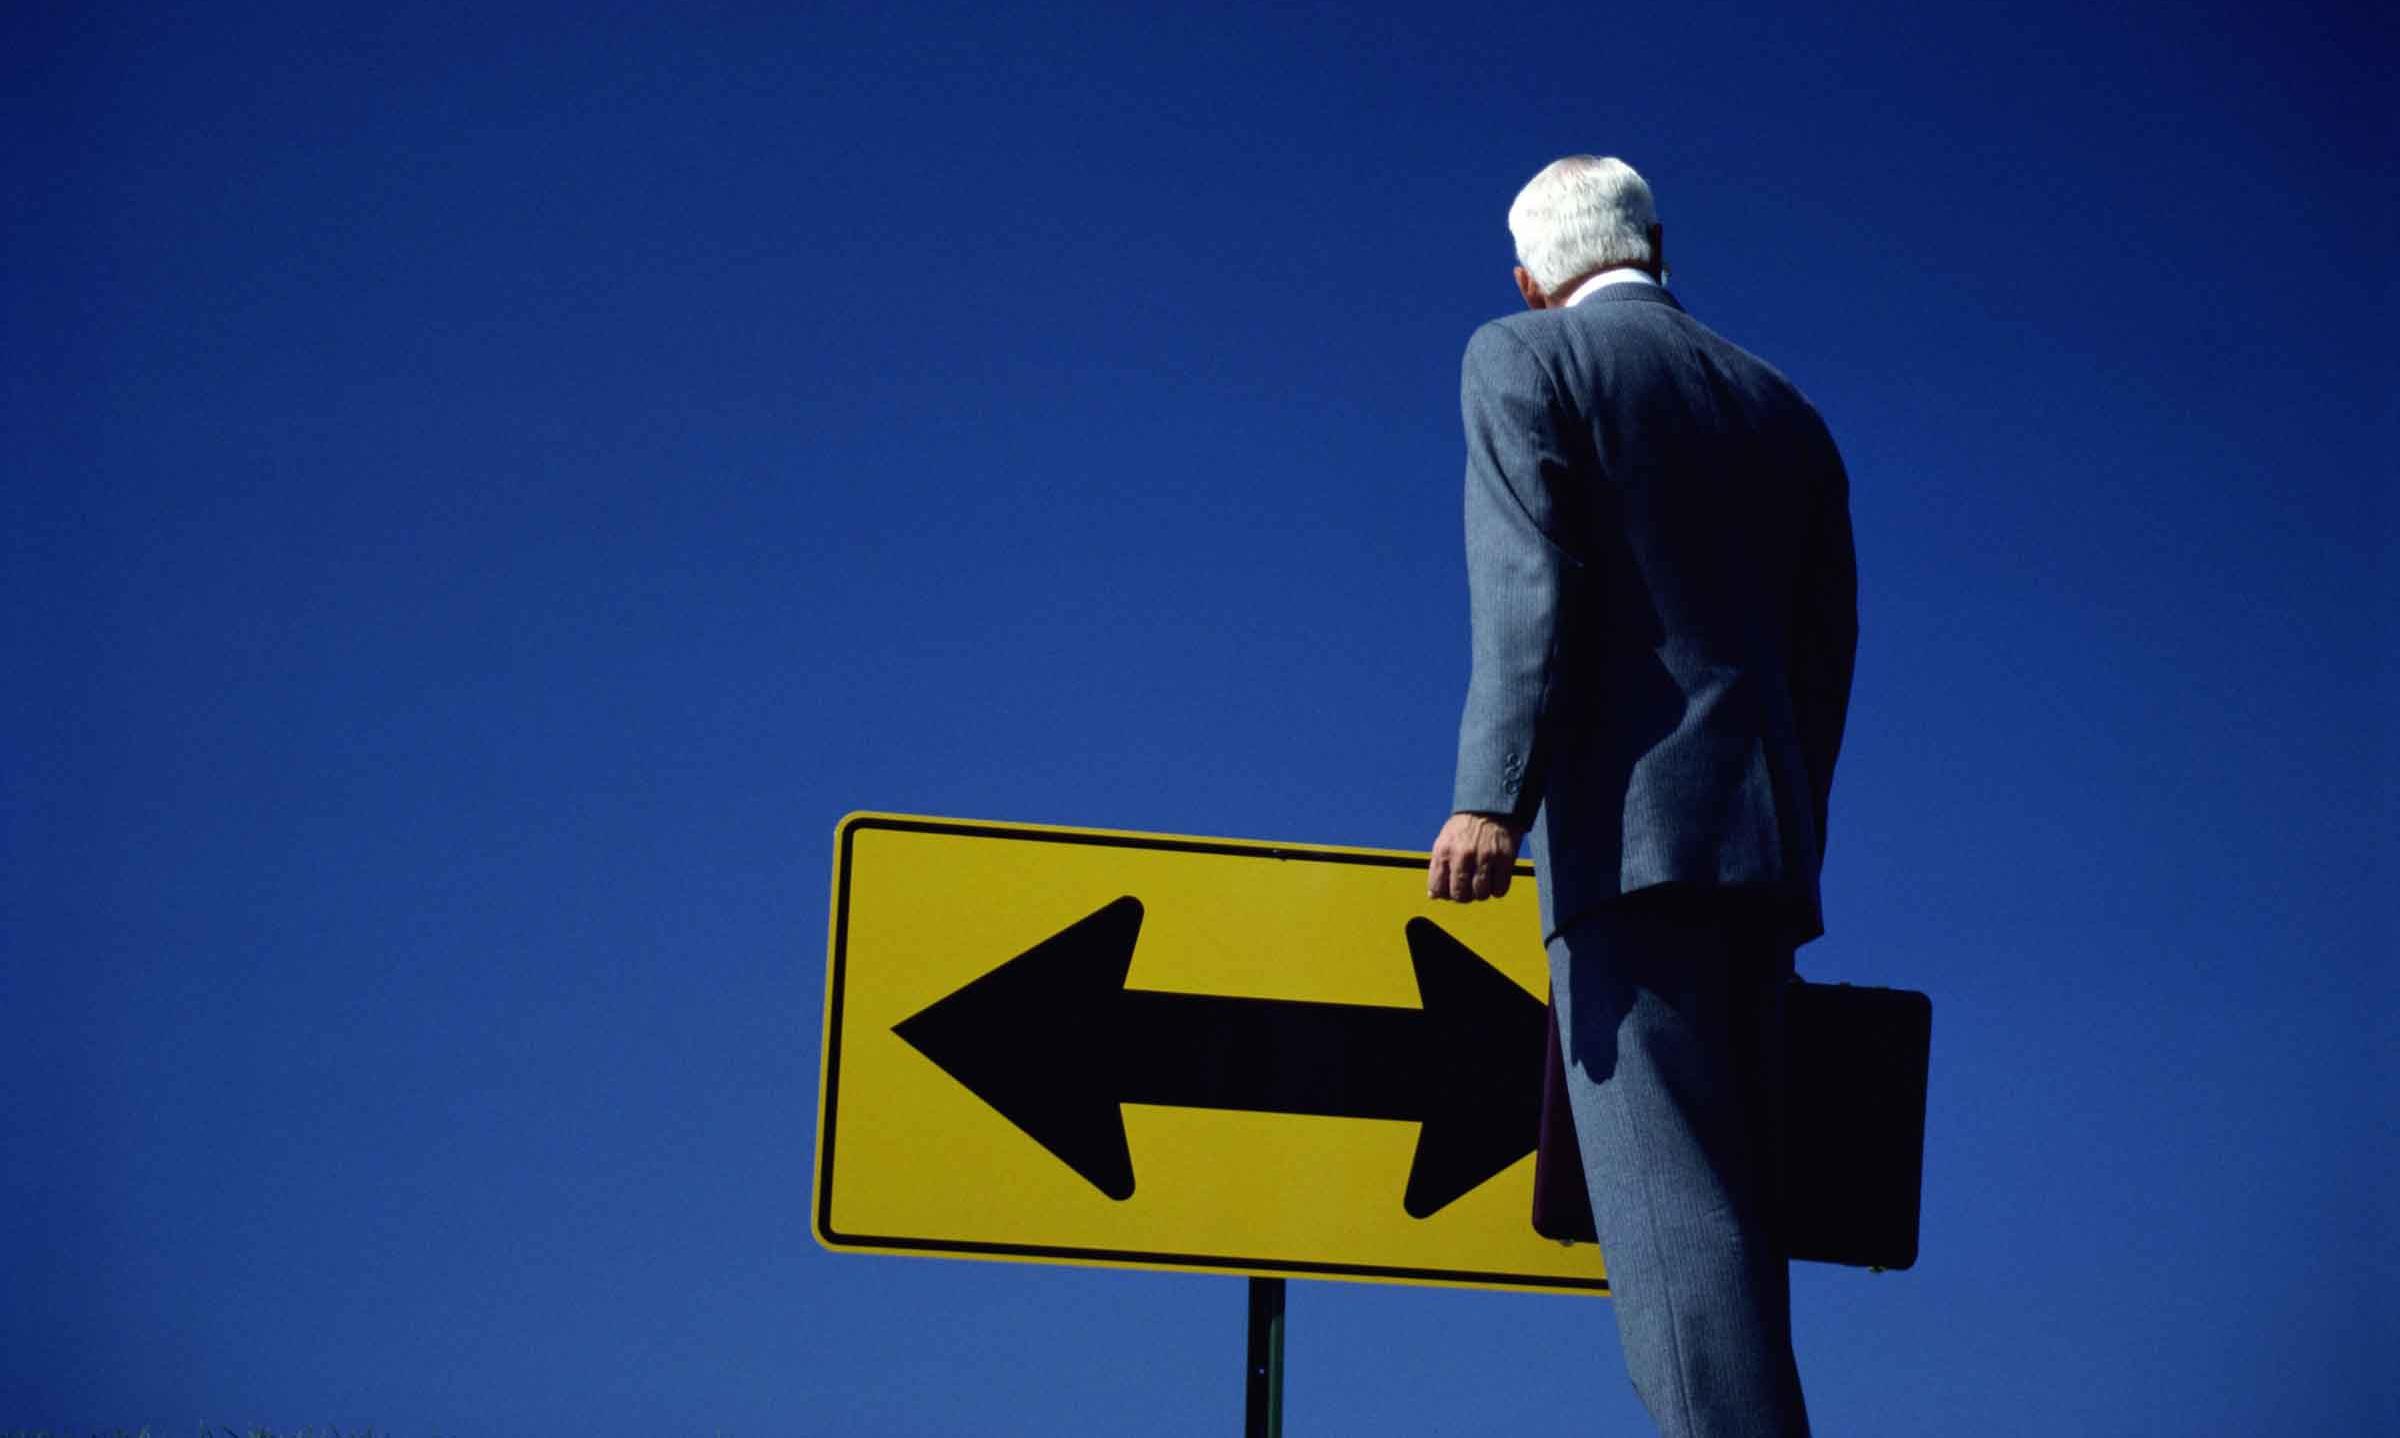 Alguns cuidados devem ser tomados antes de qualquer ação de mudança de emprego (Foto: Vida e Carreira/Reprodução)